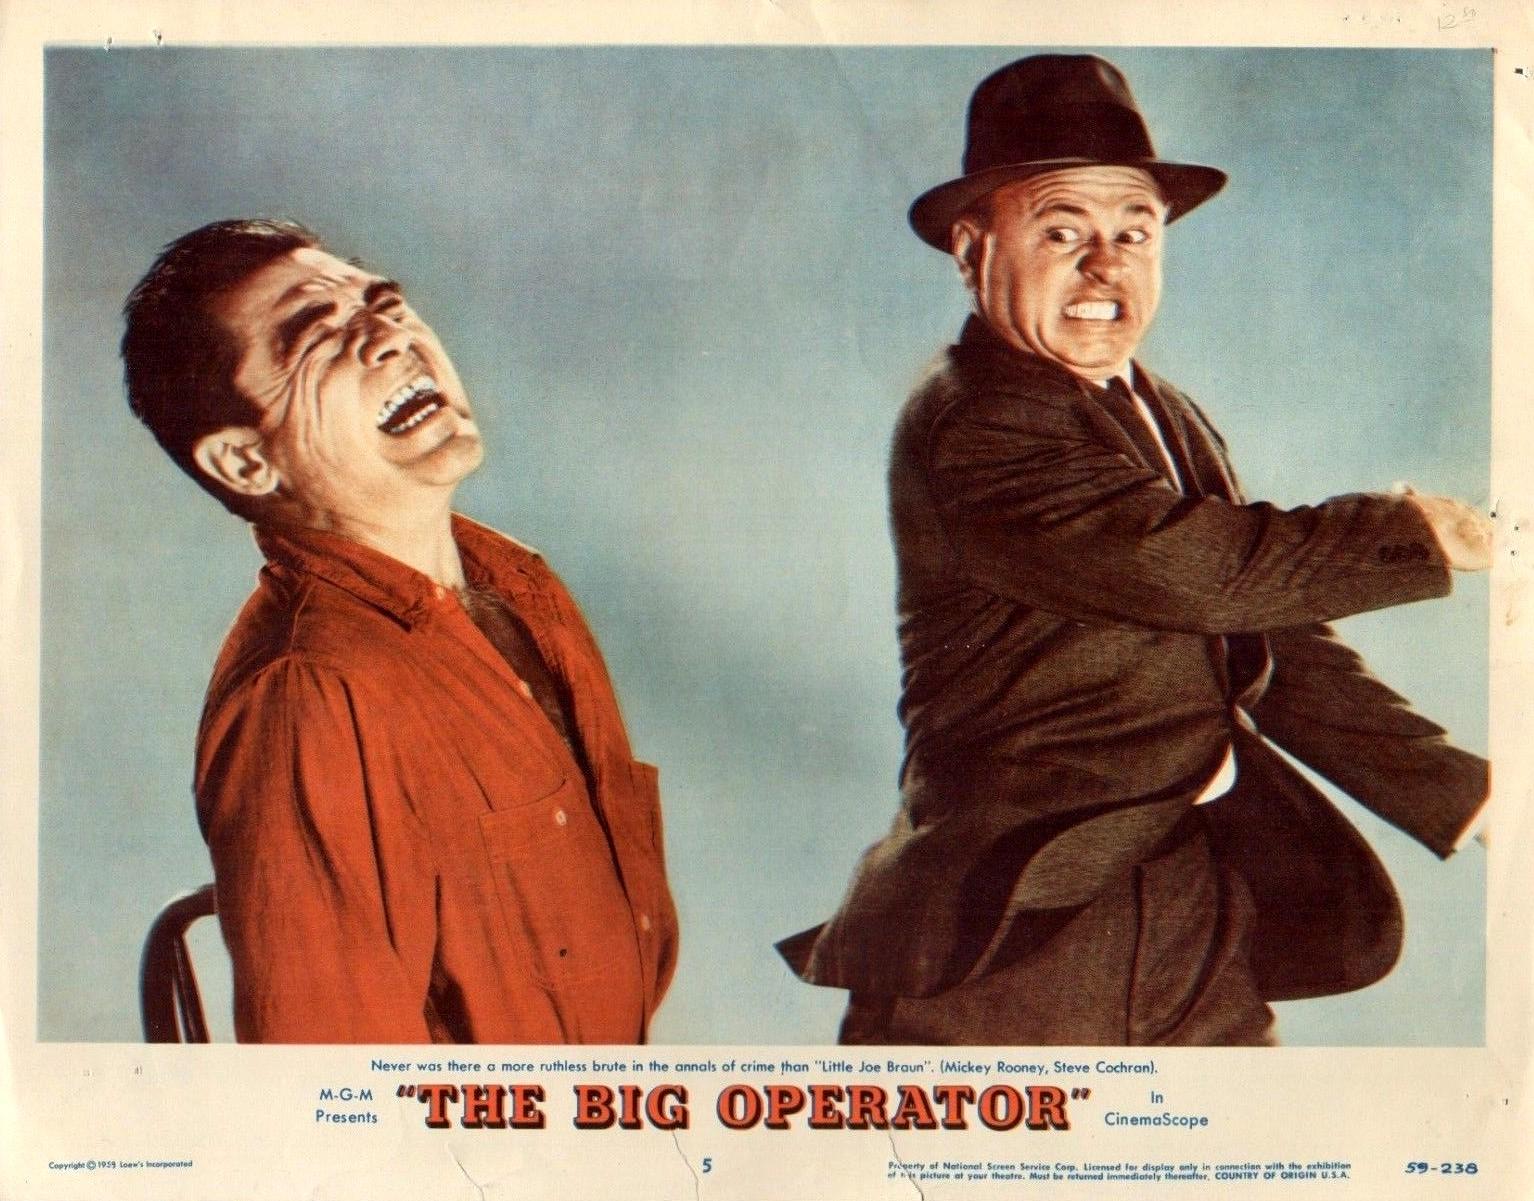 Steve Cochran The Big Operator.jpg